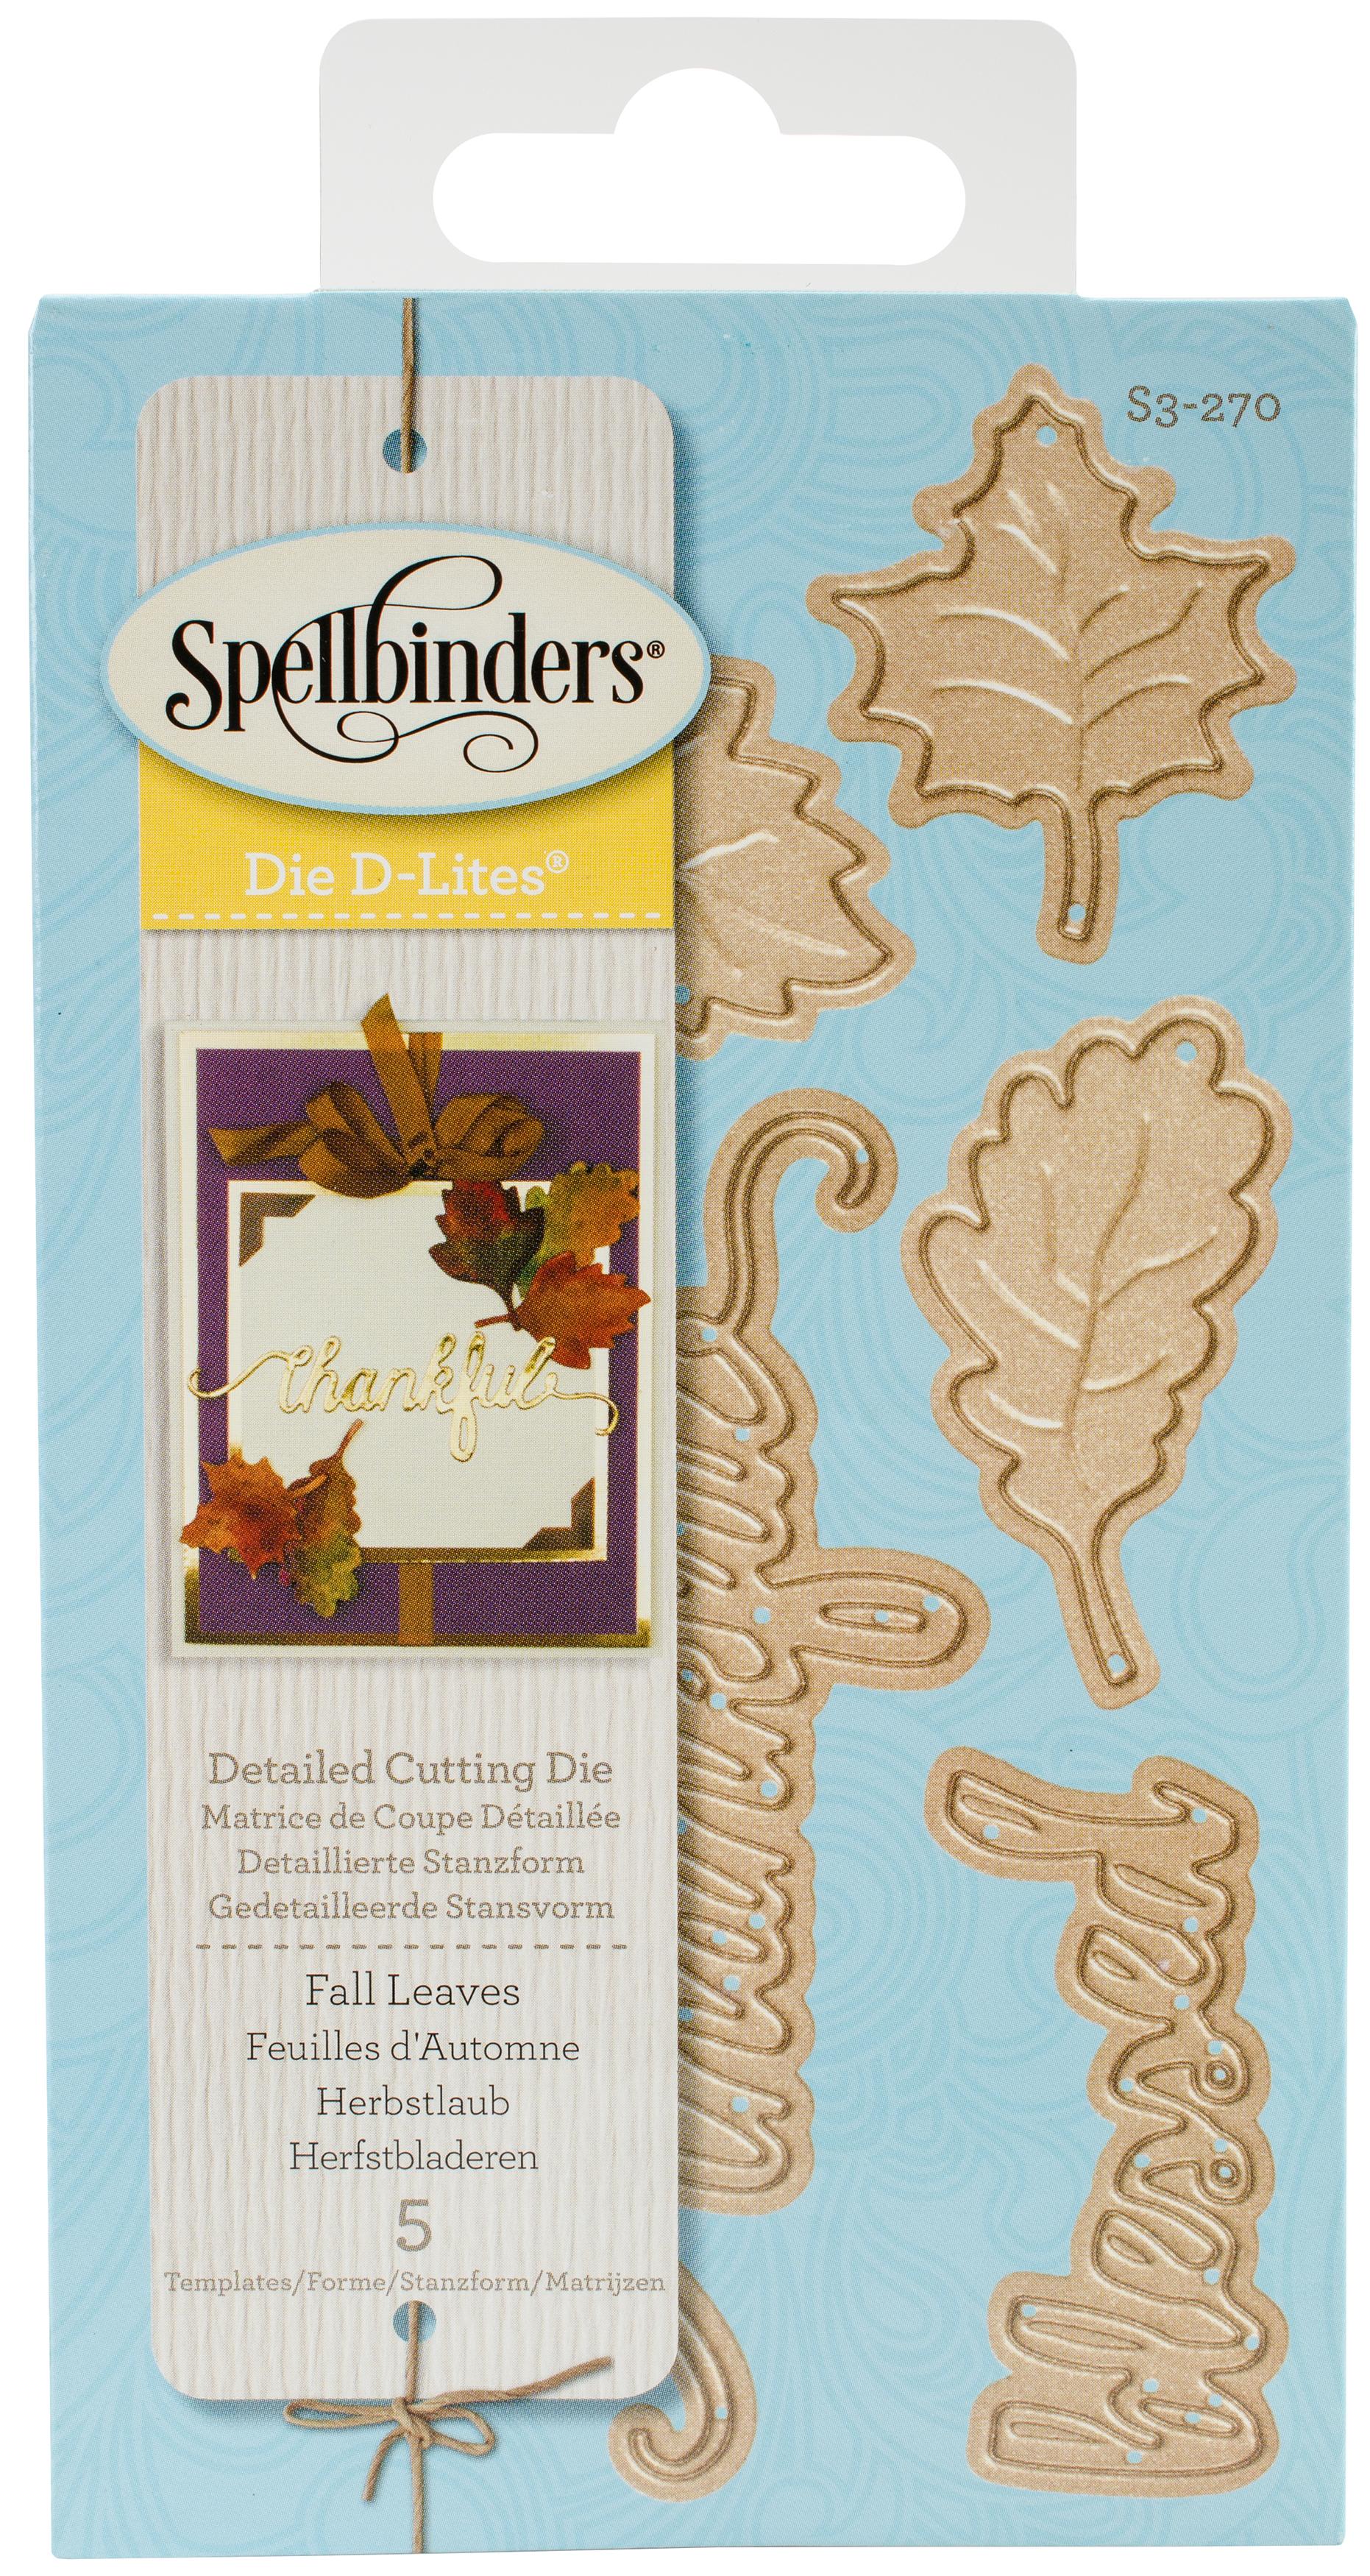 Spellbinders Shapeabilities Die D-Lites-Fall Leaves